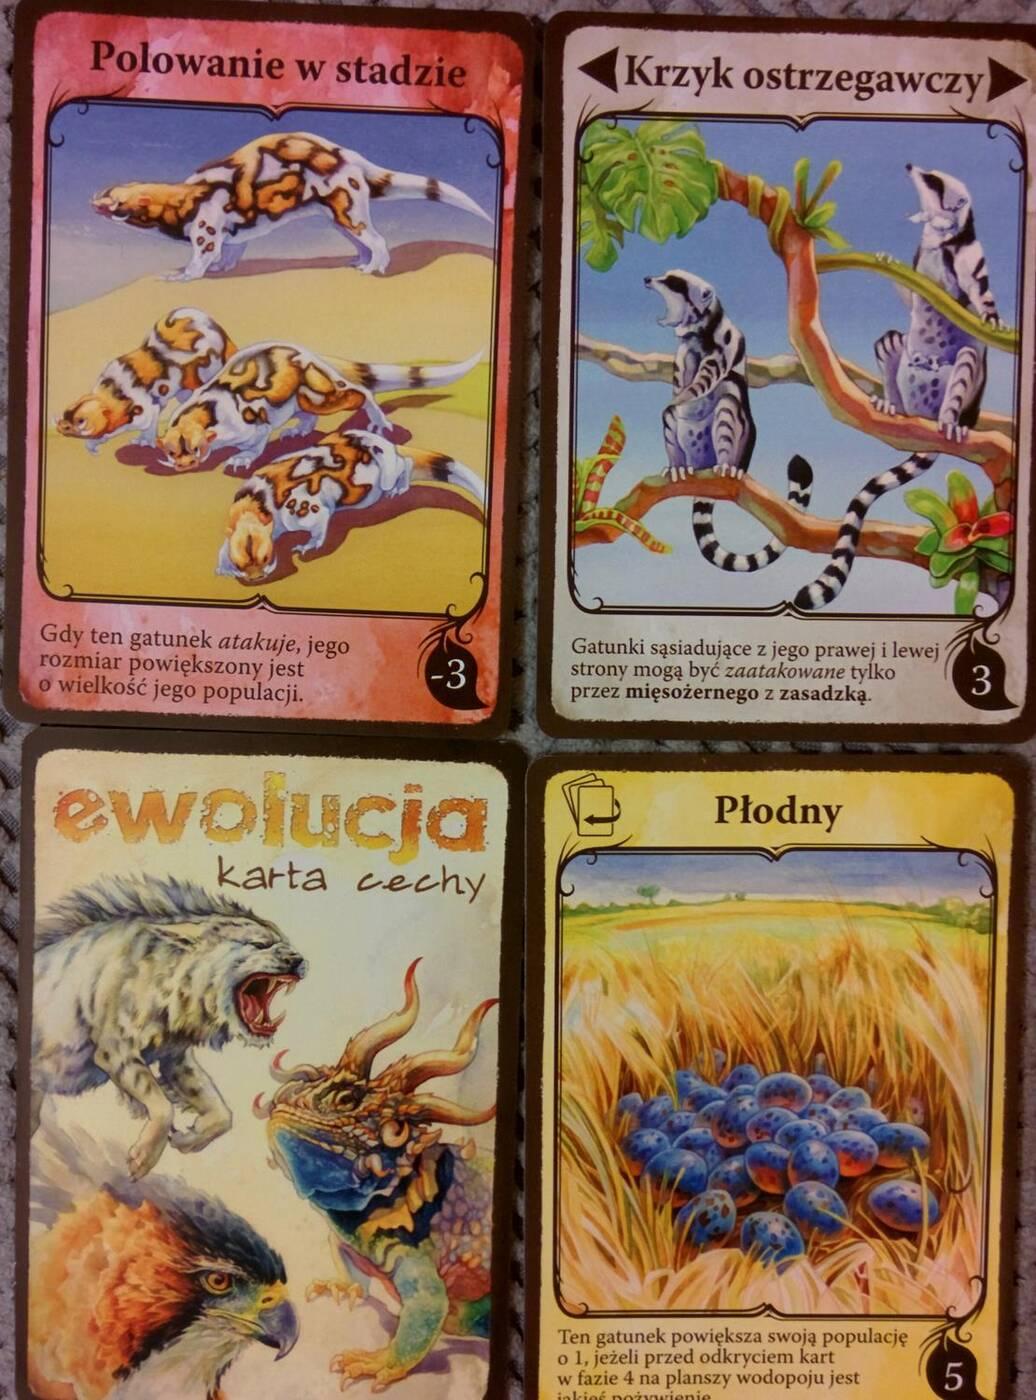 Ewolucja karty cech 2